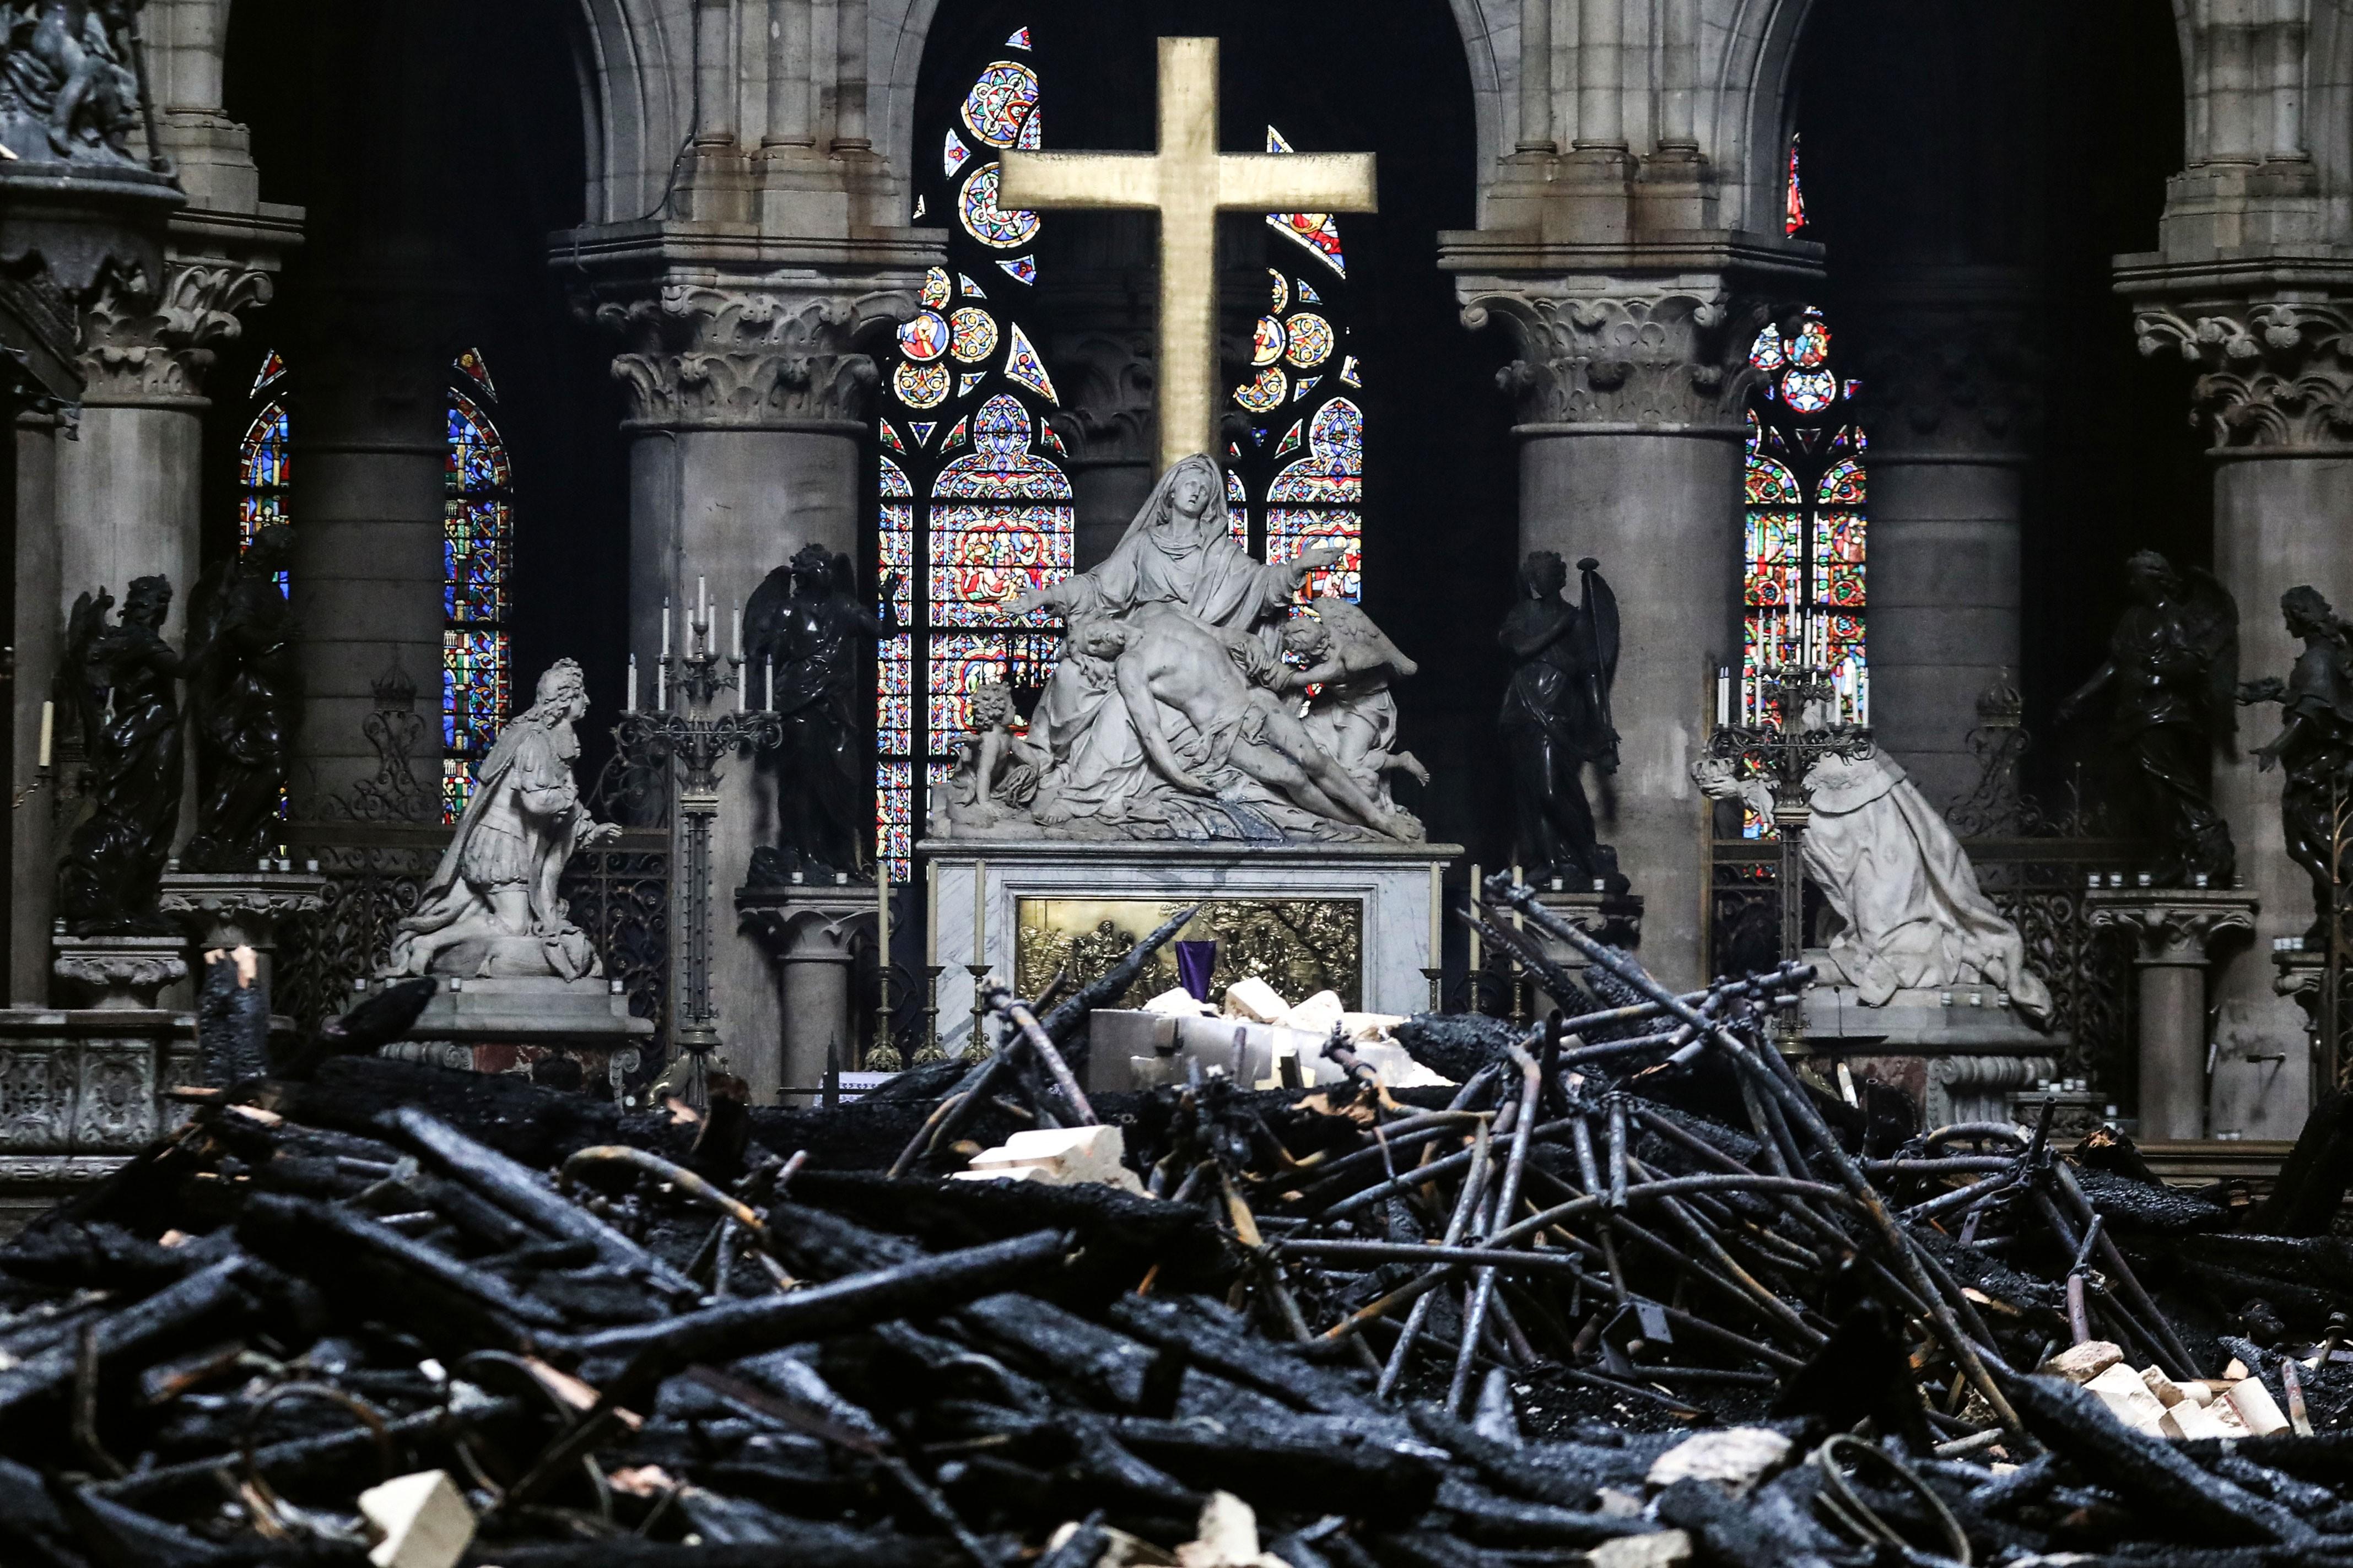 Obras atrasam, e restauração de Notre-Dame ainda não começou 6 meses após incêndio - Notícias - Plantão Diário